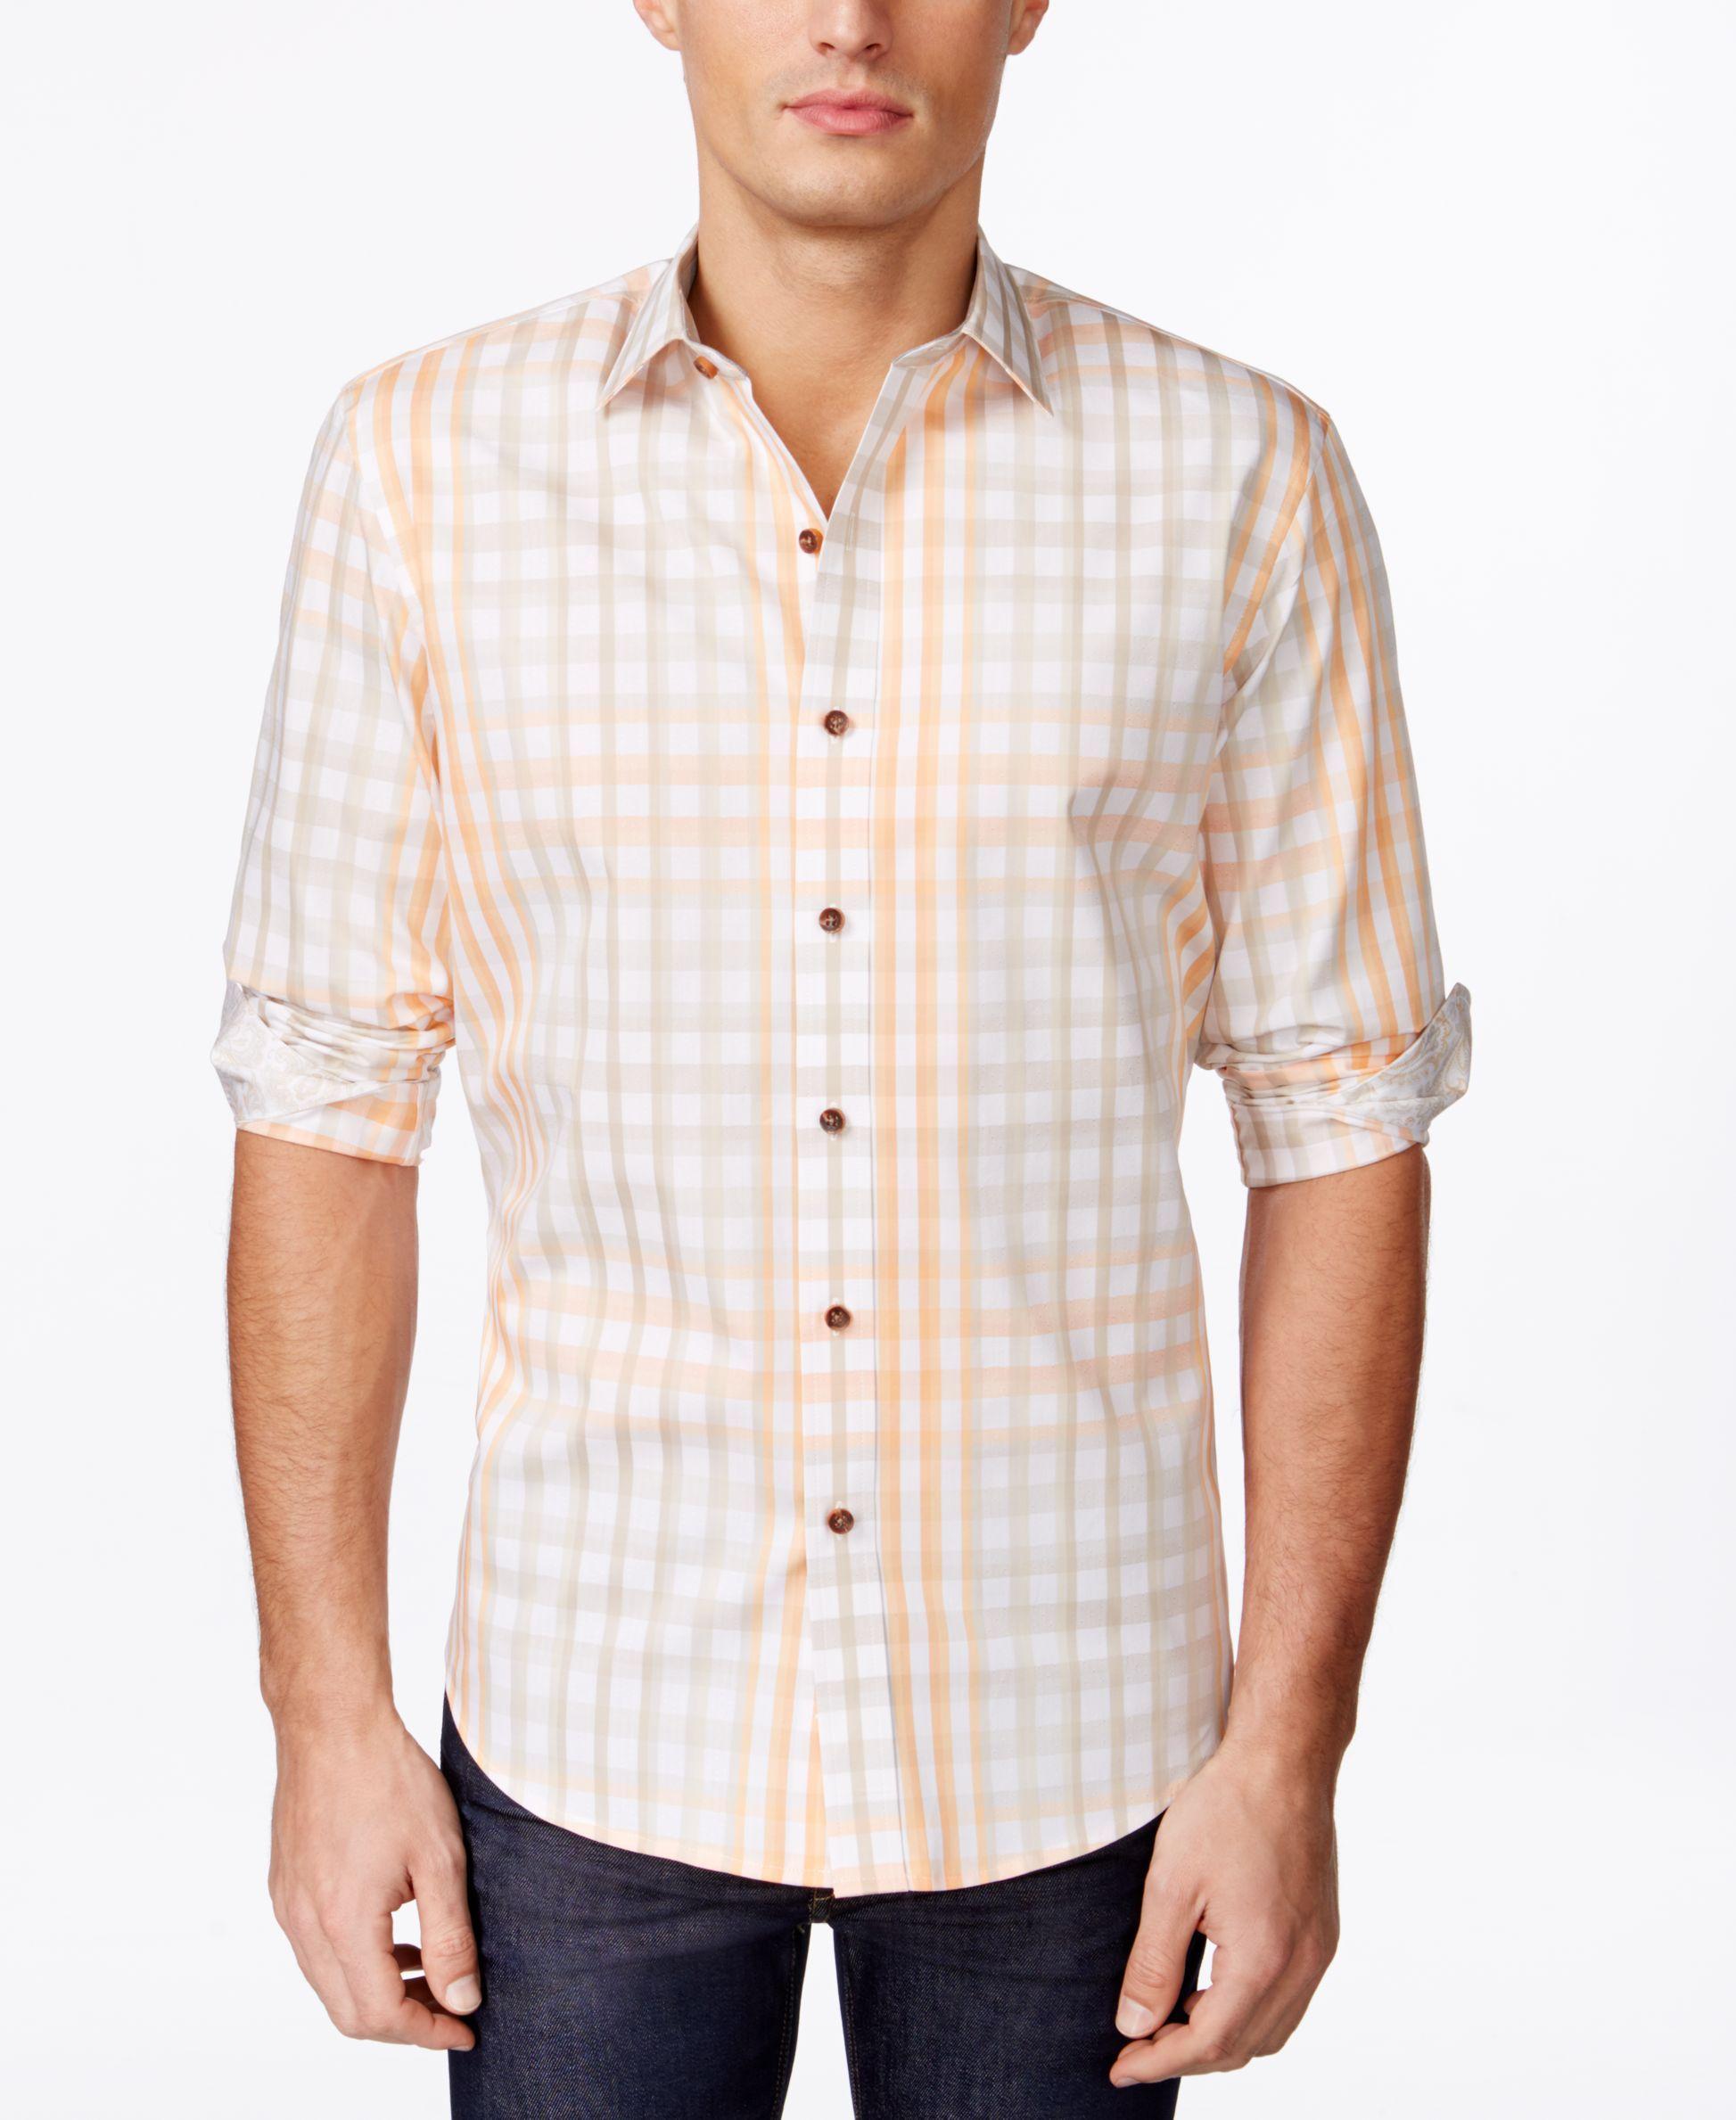 Tasso Elba Men's Torino Dobby Grid-Pattern Long-Sleeve Shirt, Only at Macy's